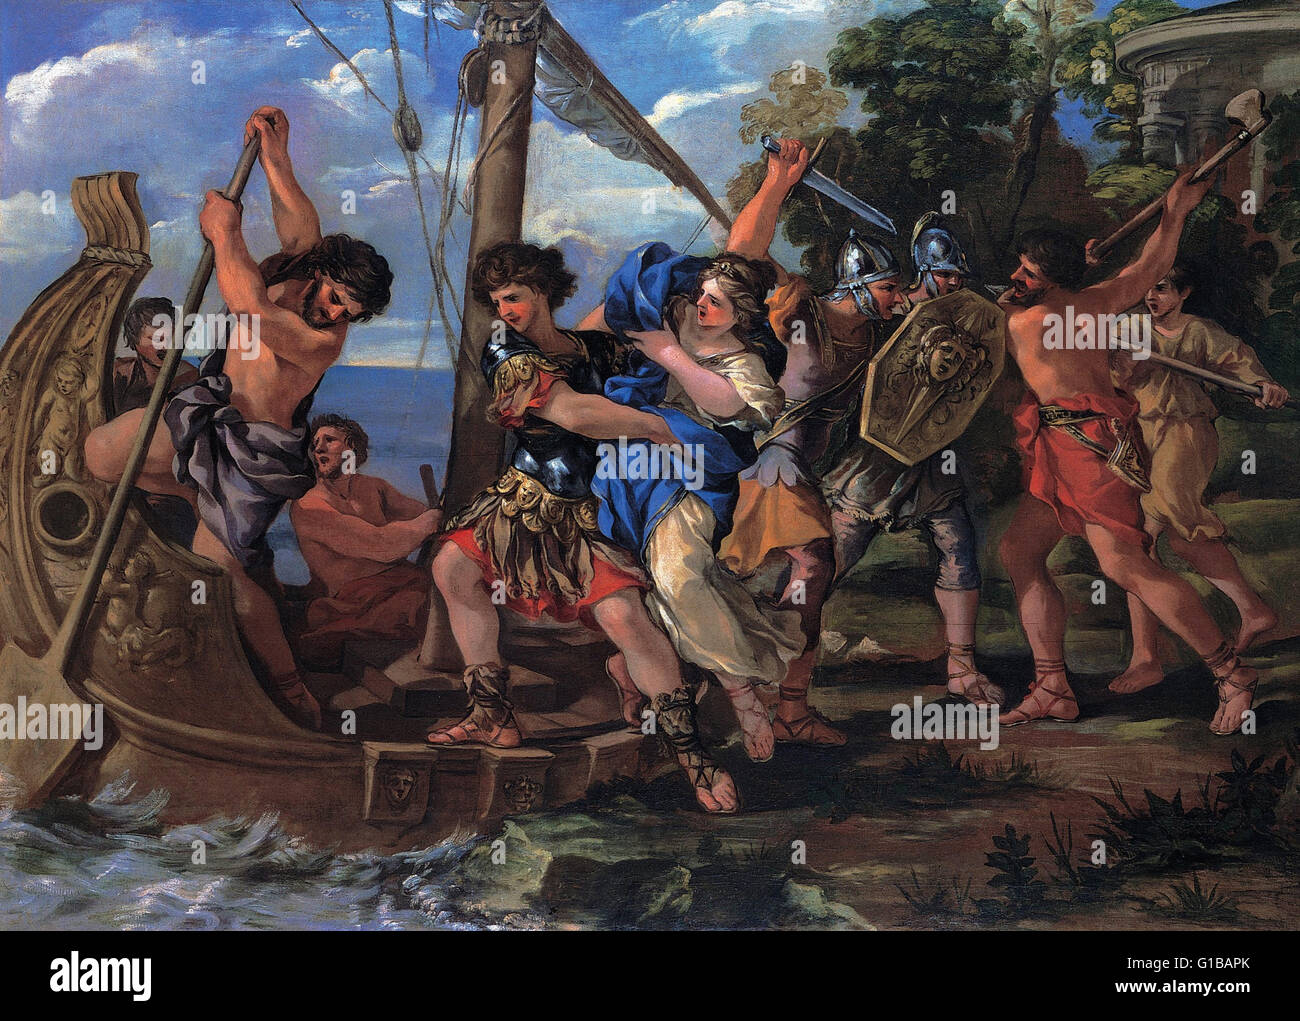 Giovanni Francesco Romanelli - The Elena kidnapping - Musei Capitolini Roma - Stock Image